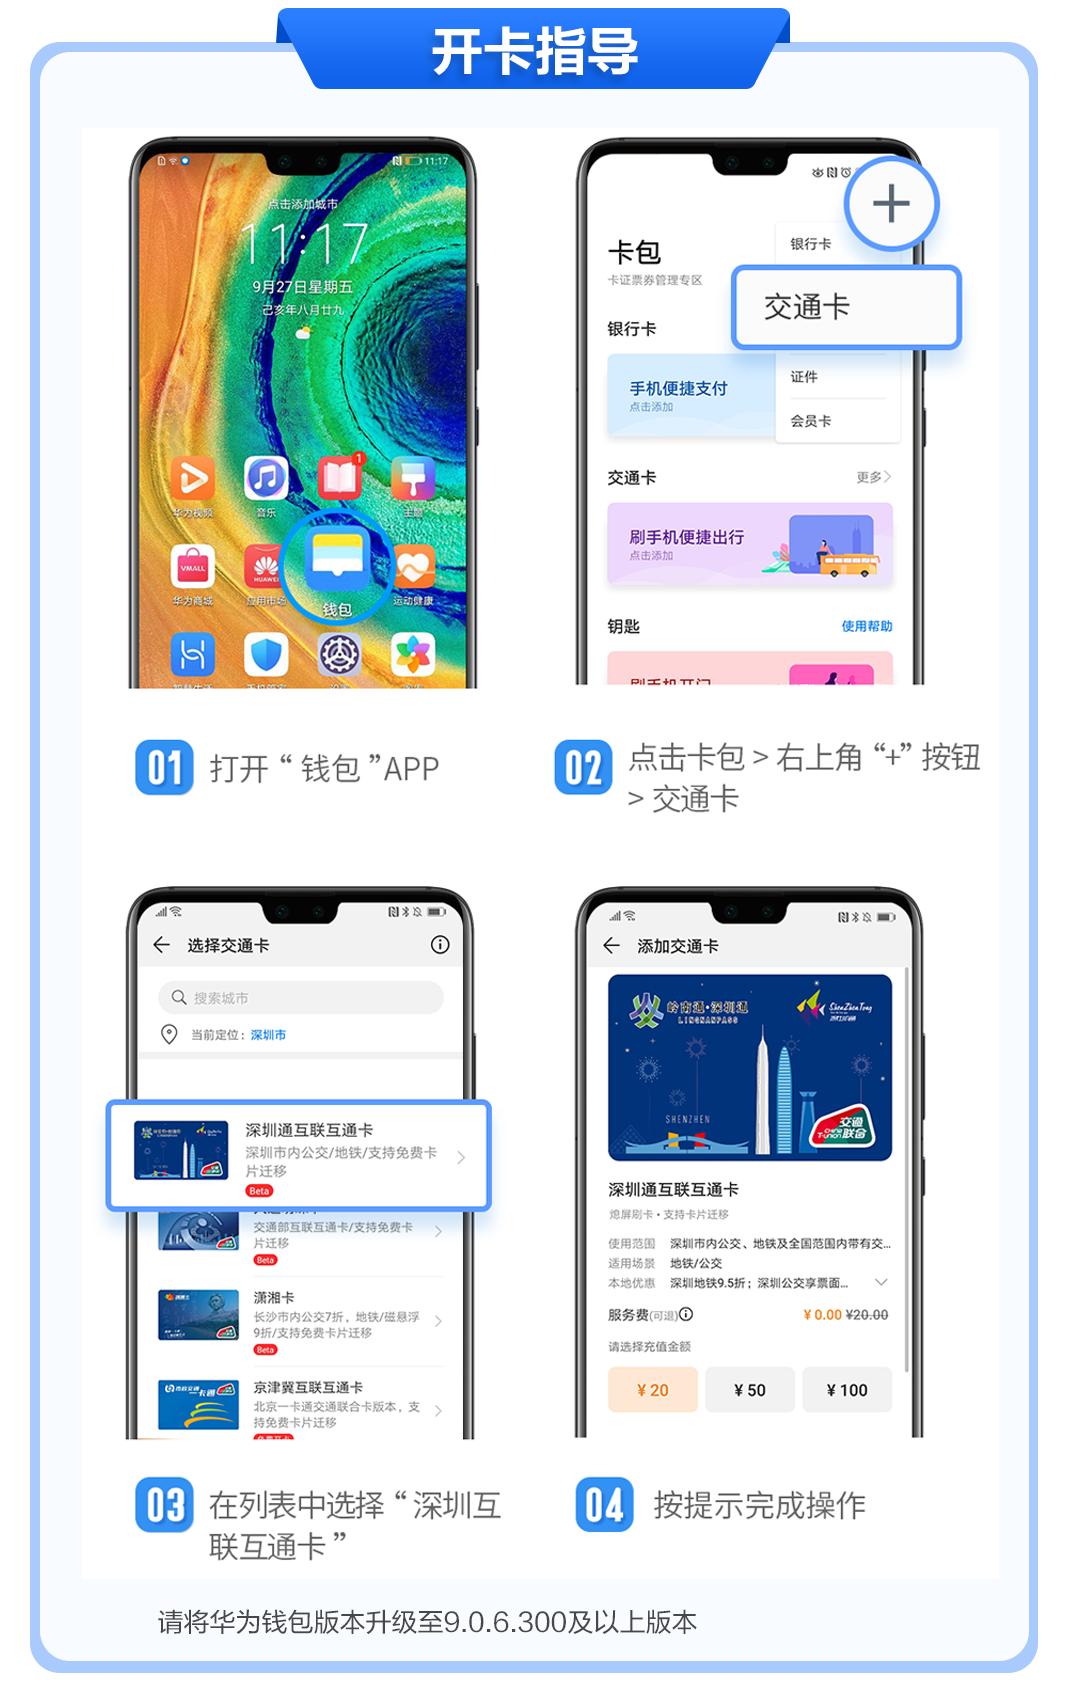 深圳通mot开卡指导.png